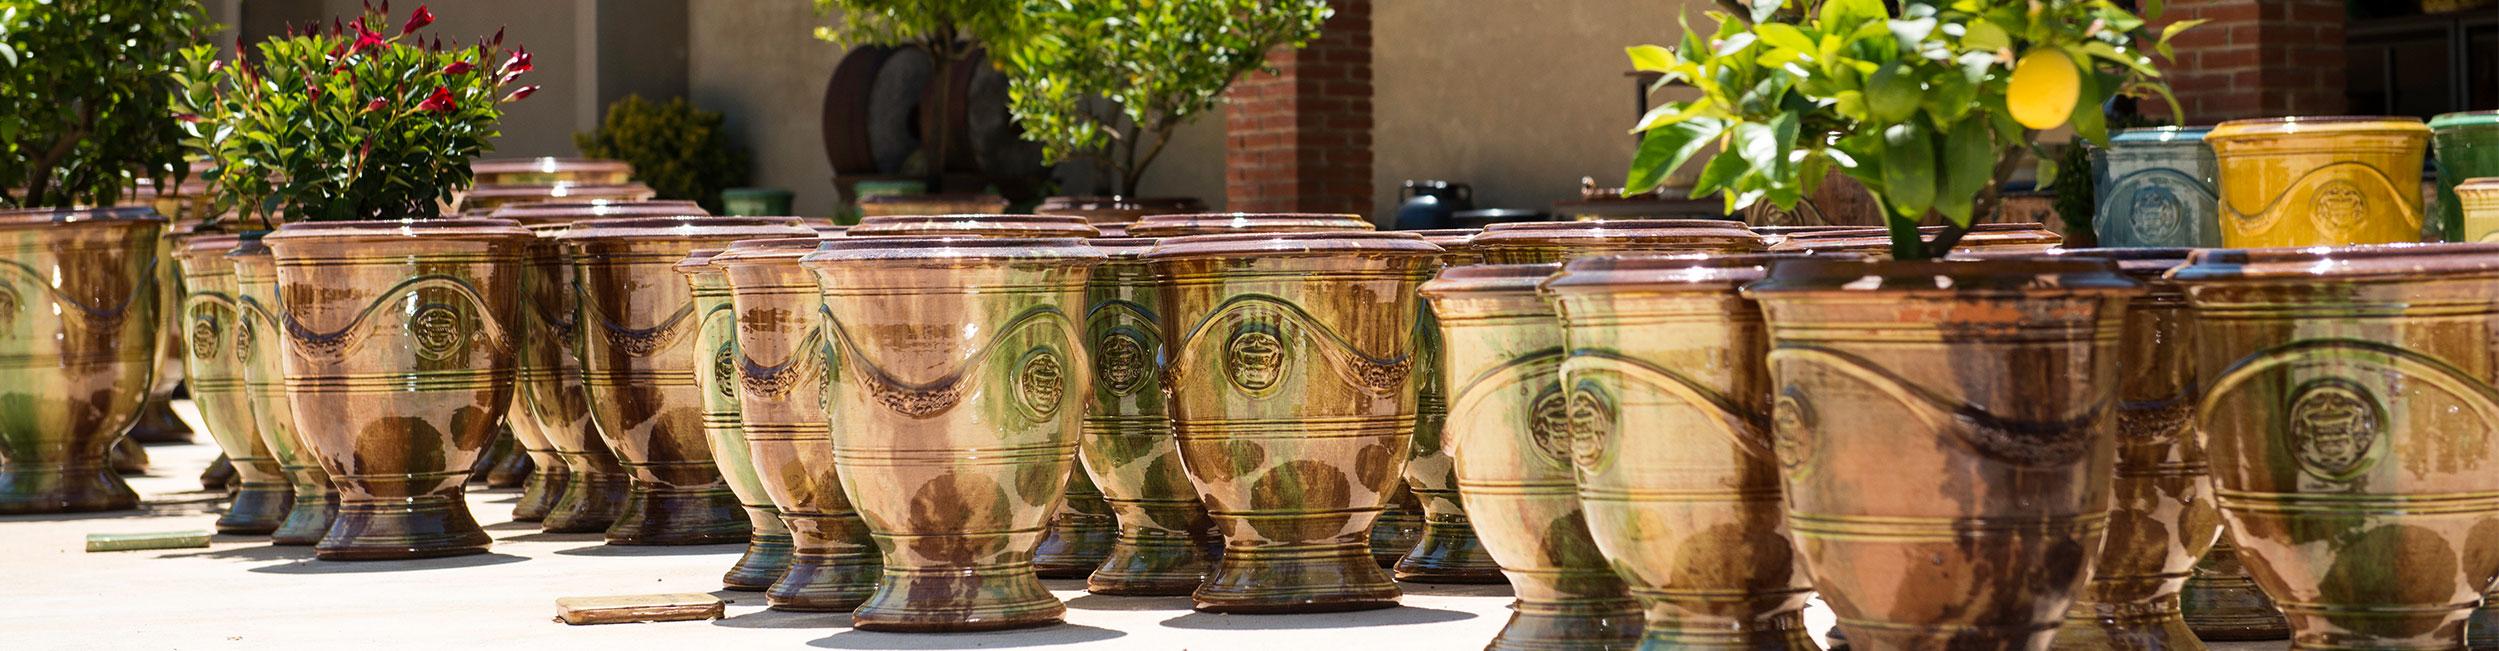 poterie d 39 anduze les enfants de boisset route du vase d 39 anduze. Black Bedroom Furniture Sets. Home Design Ideas